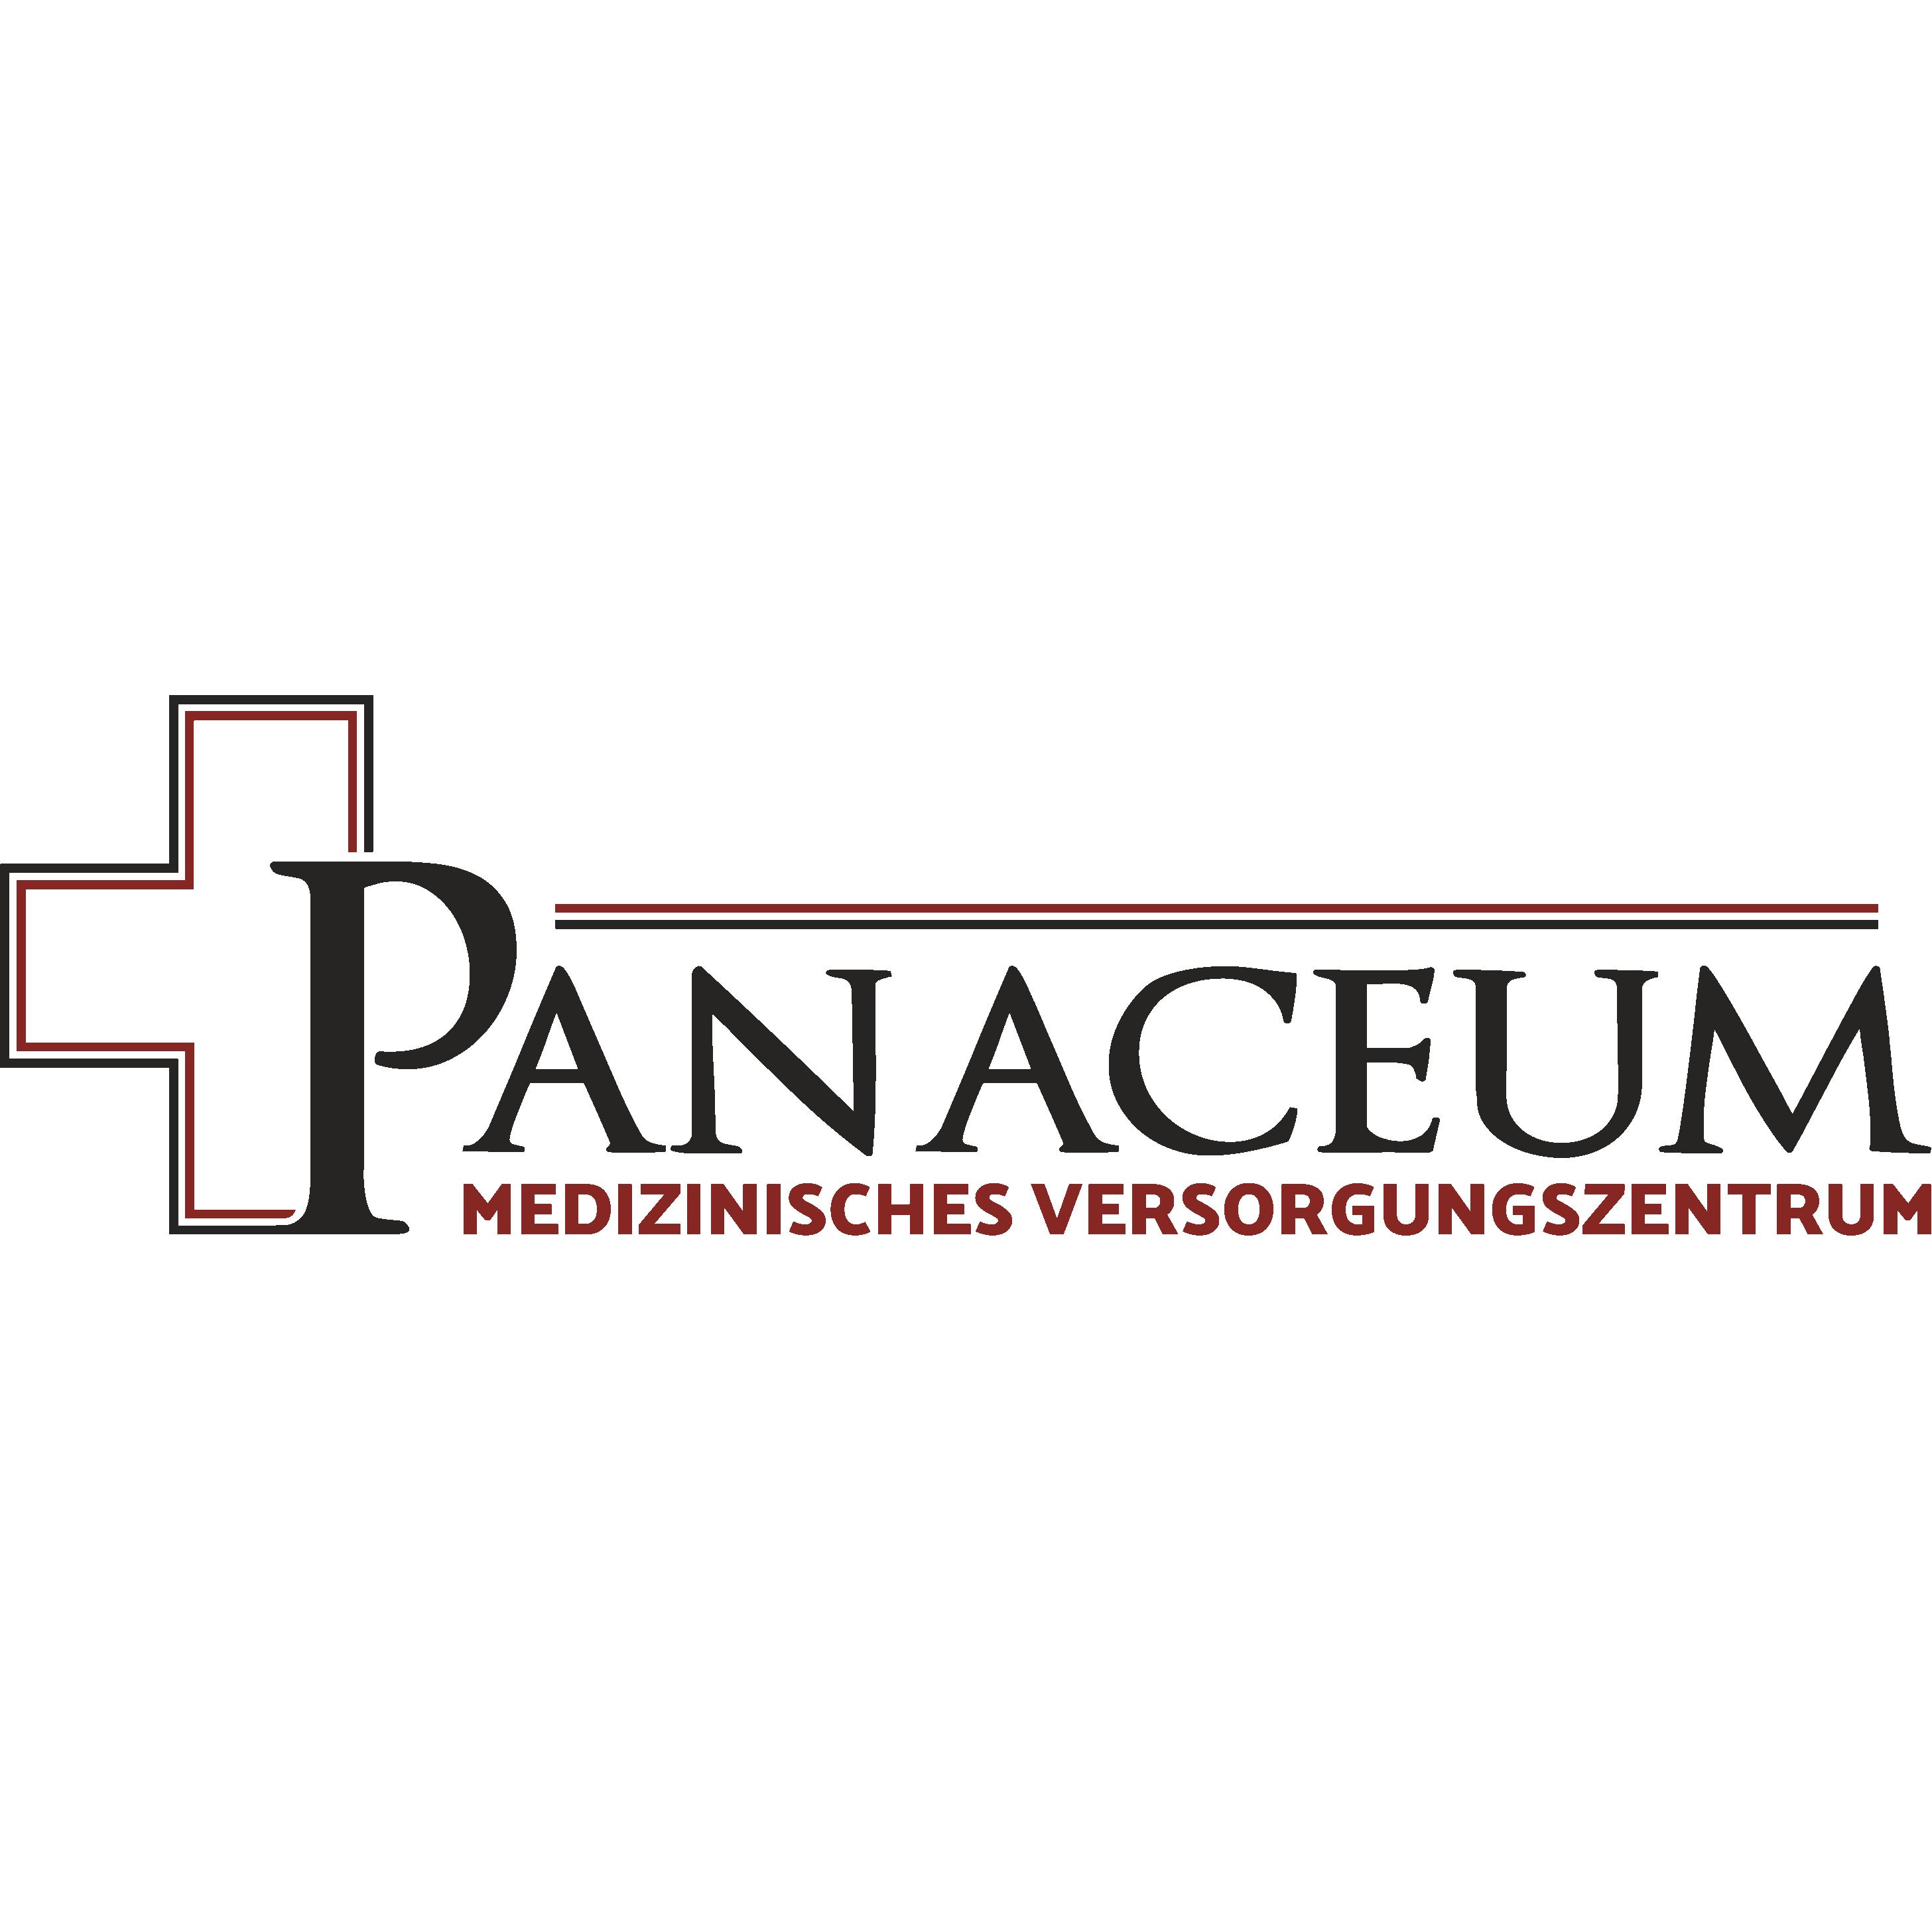 Bild zu PANACEUM Medizinisches Versorgungszentrum in Offenbach am Main